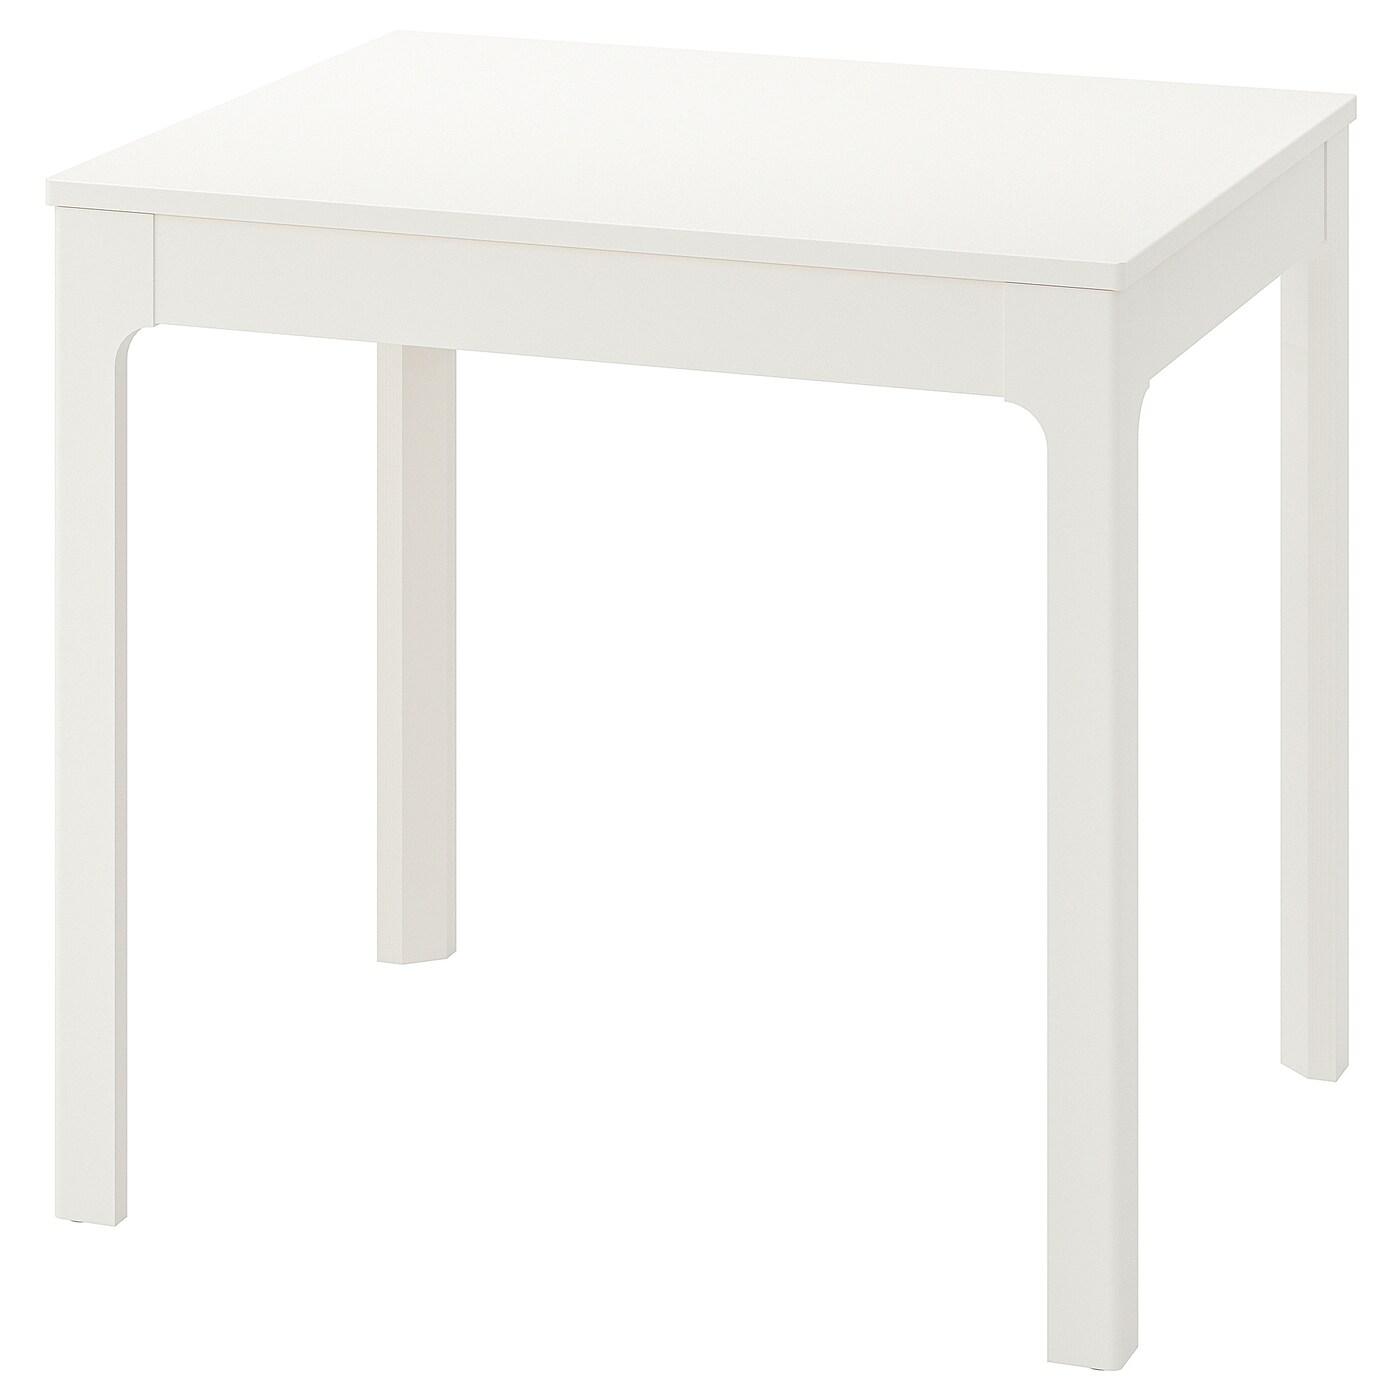 Ekedalen Ausziehtisch Weiss Ikea Schweiz